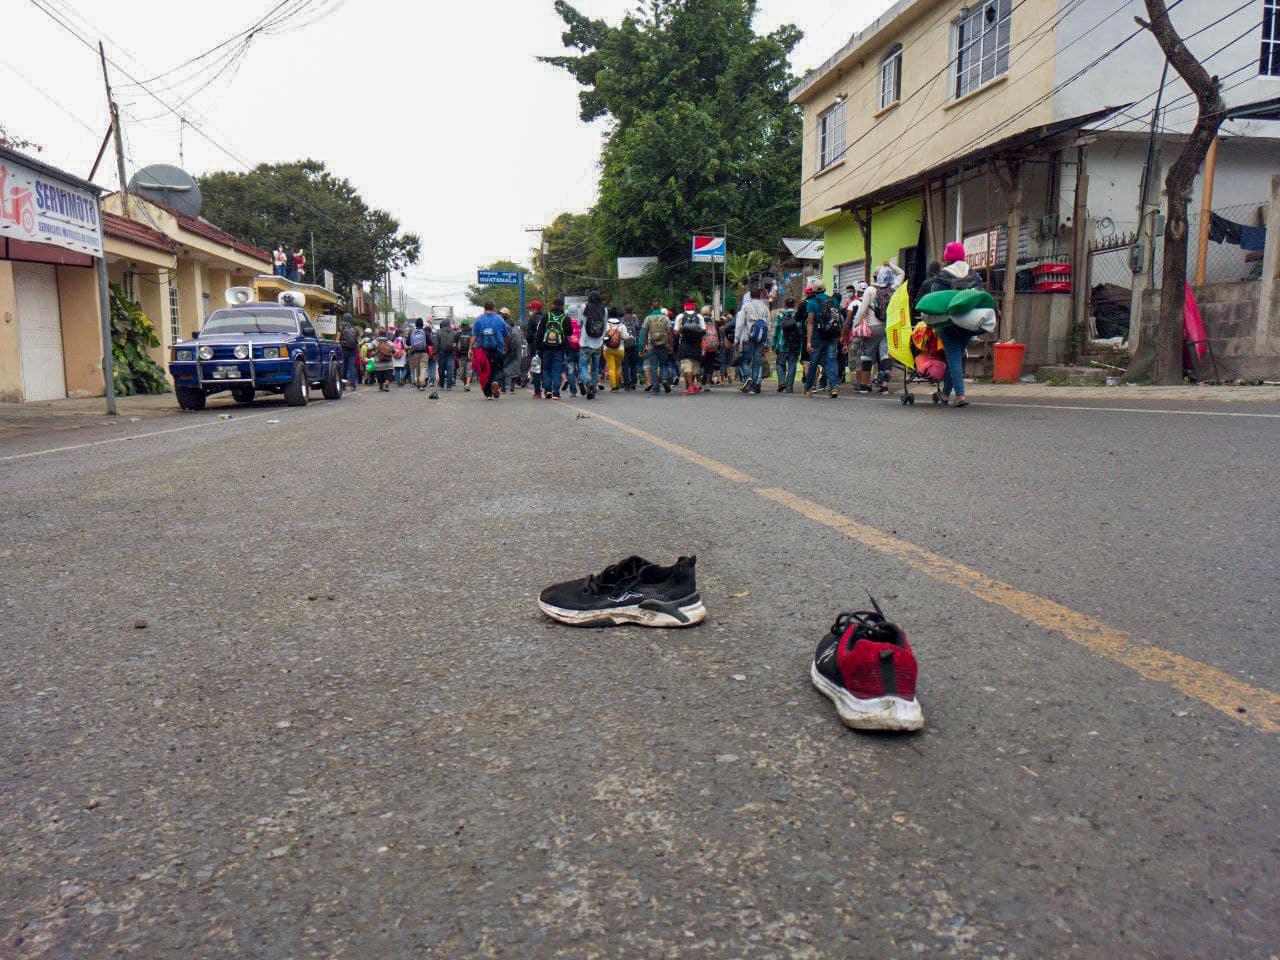 Tras irrumpir de forma forzosa en territorio guatemalteco, los hondureños miembros de la caravana dejaron en el camino zapatos, bolsas y otras pertenencias. El Florido, frontera de Honduras y Guatemala, 16 de enero de 2021. Foto: Deiby Yánes.